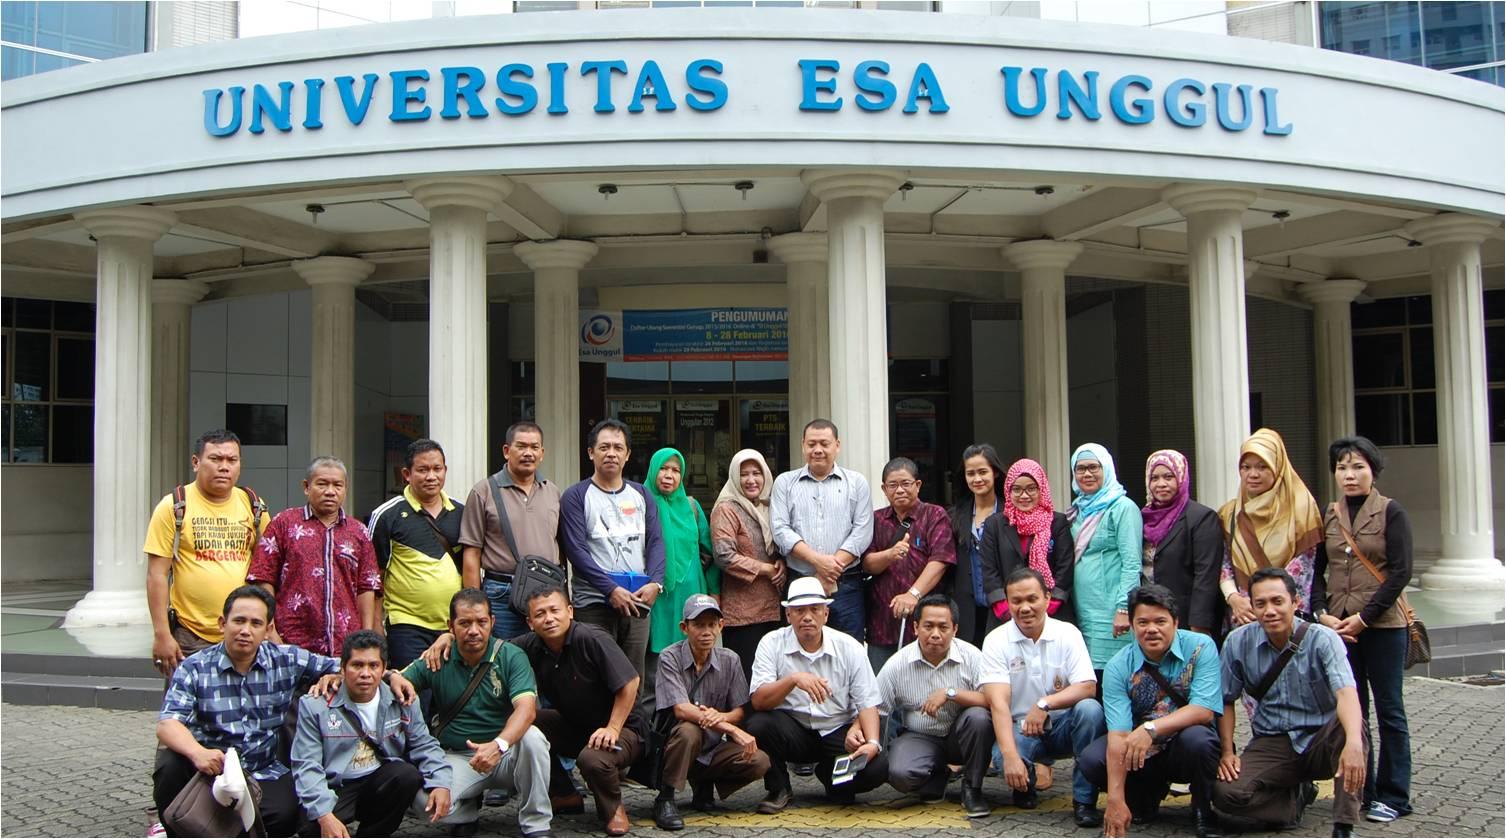 Kunjungan Kepala Sekolah SMA/SMK dan Kepala Dinas Pendidikan se-Bangka Barat Belitung ke Universitas Esa Unggul